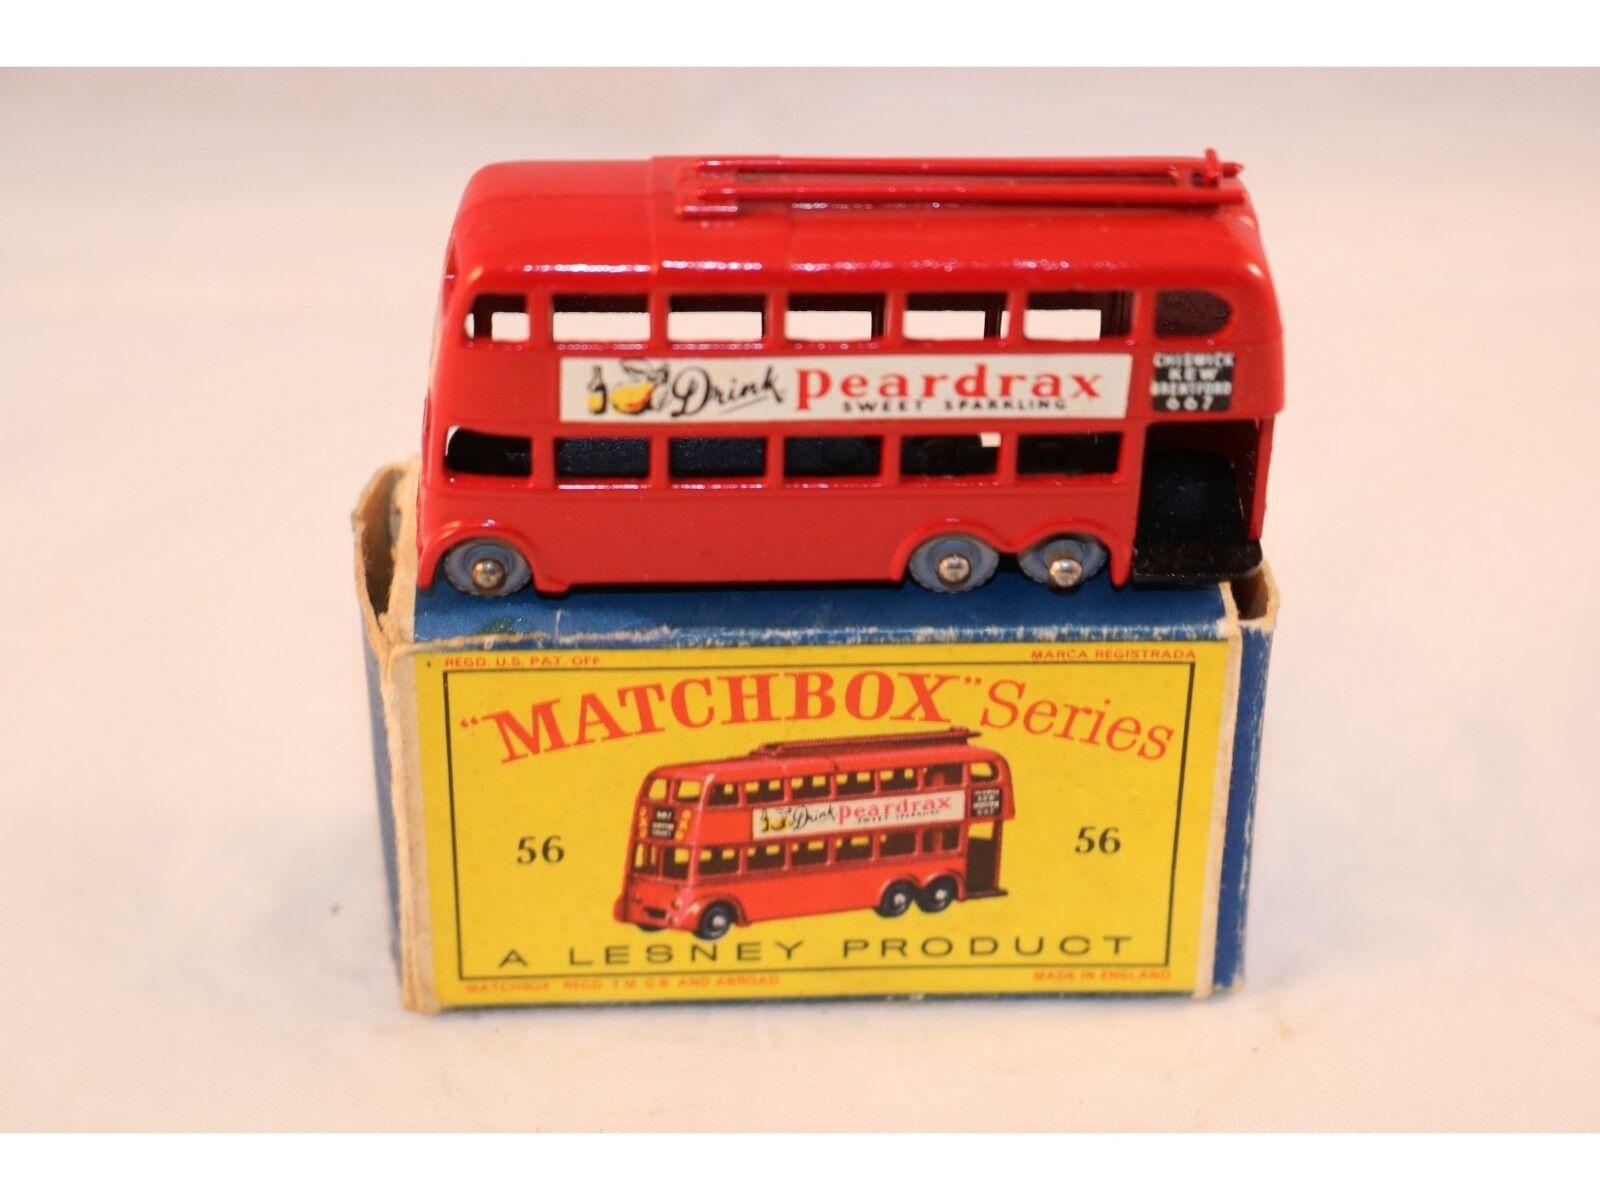 Matchbox A Moko Lesney No 56 Trolley bus  Peardrax  GPW 99,9% mint in box